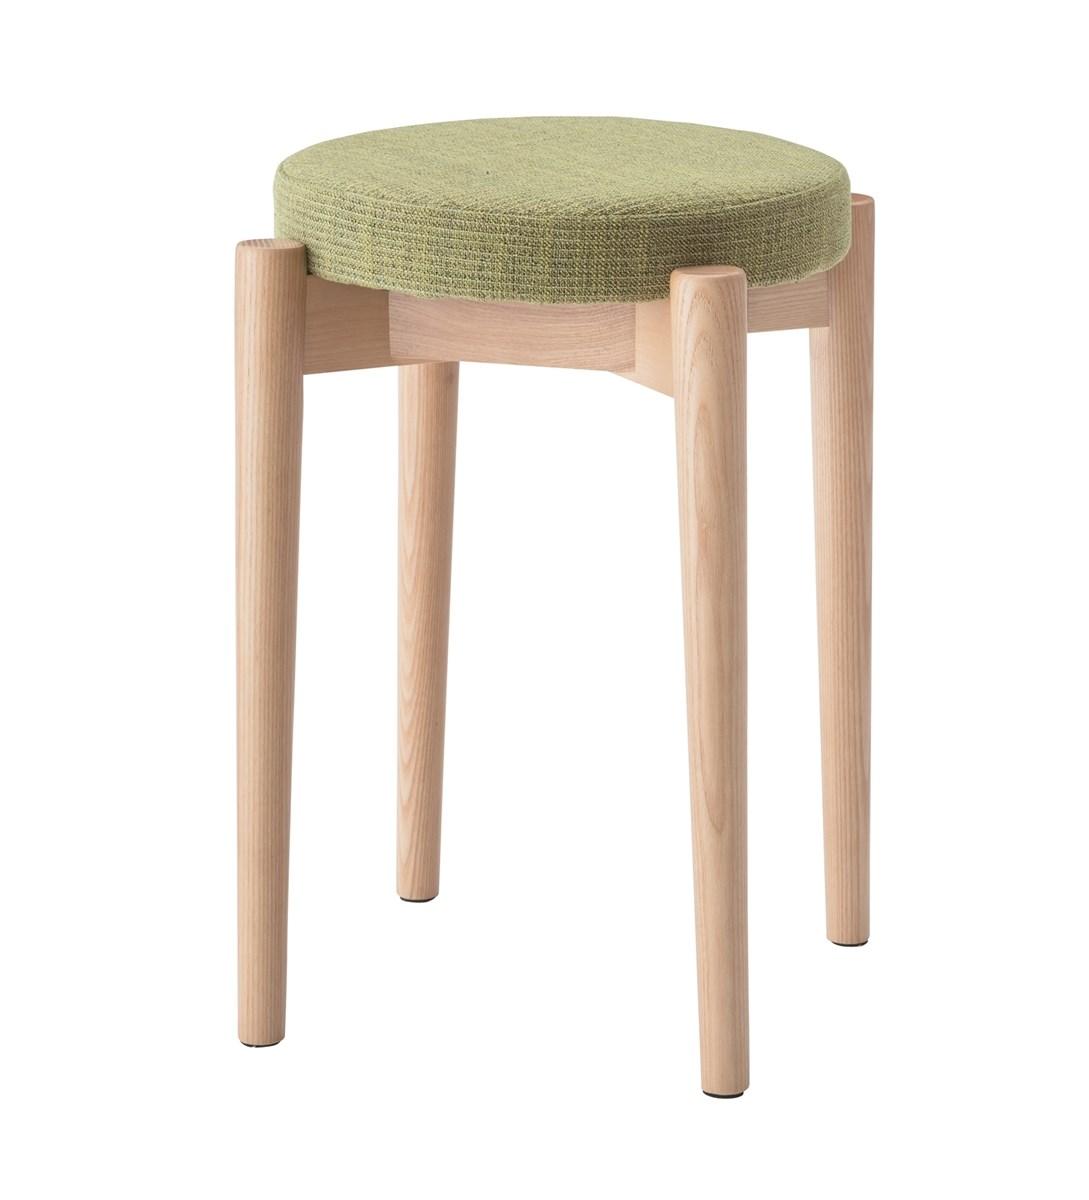 スタッキングスツール イス バーチェア 椅子 カウンターチェア (数量1) グリーン 緑